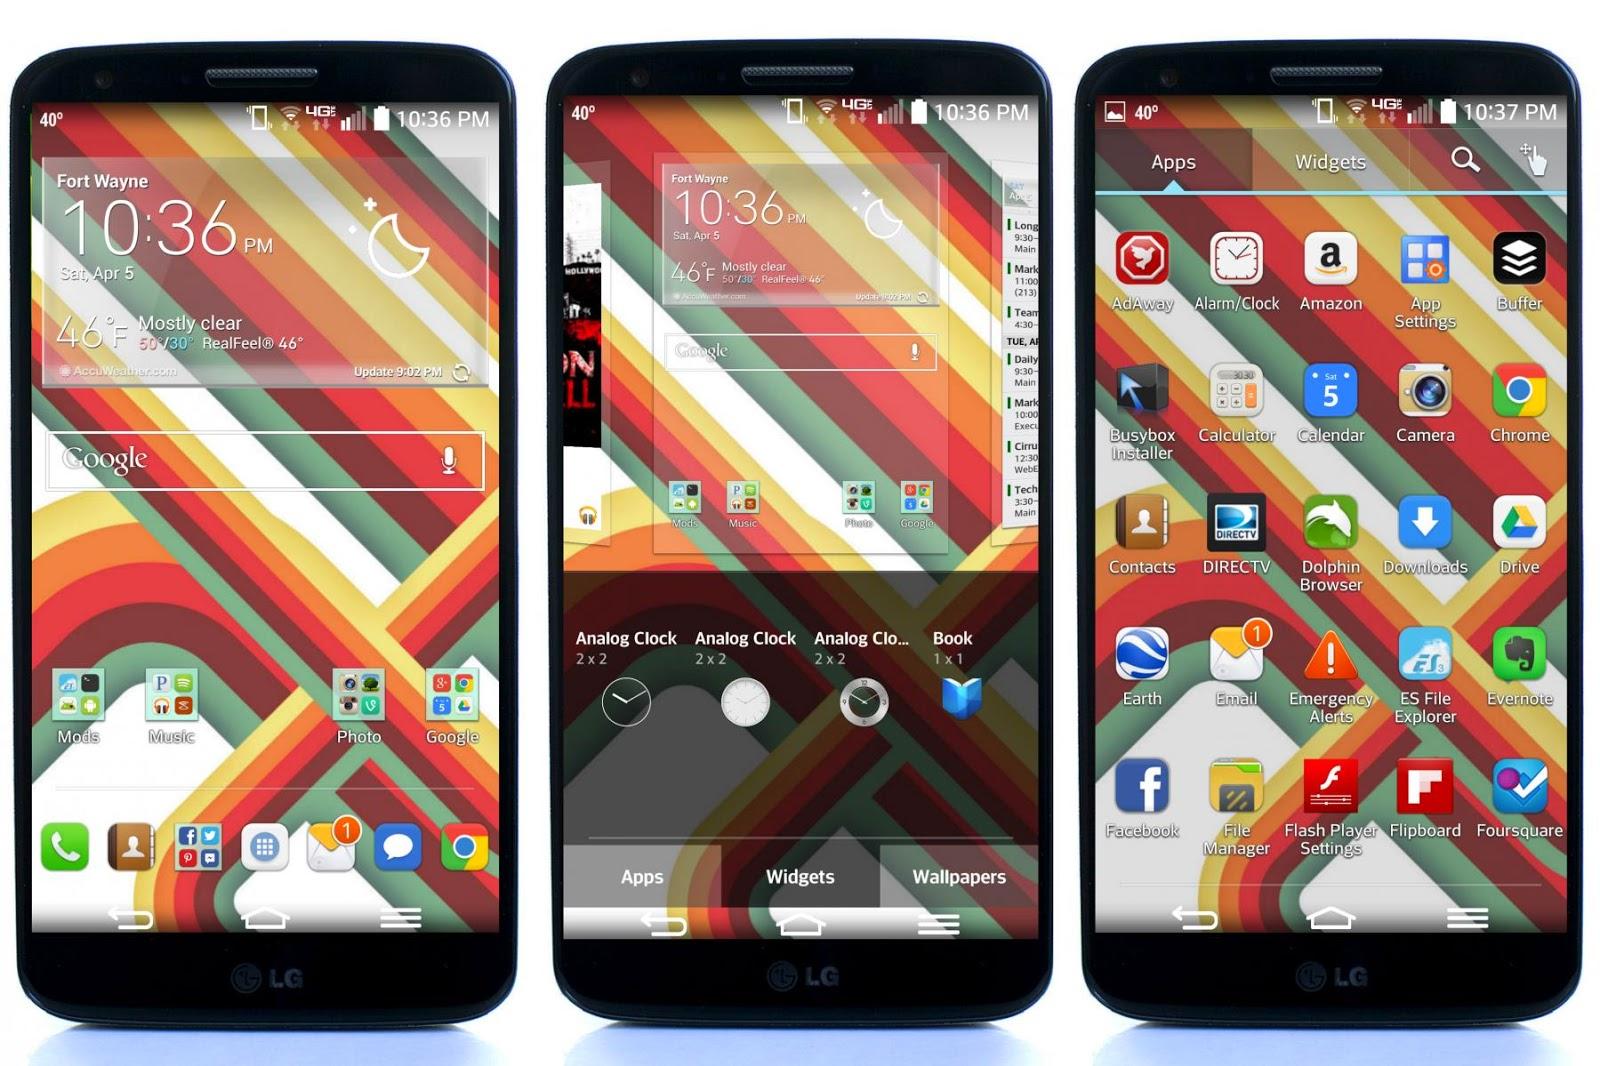 Temas para el Launcher del LG G2, G Flex y otros equipos LG [Se añade el tema MIUI6]